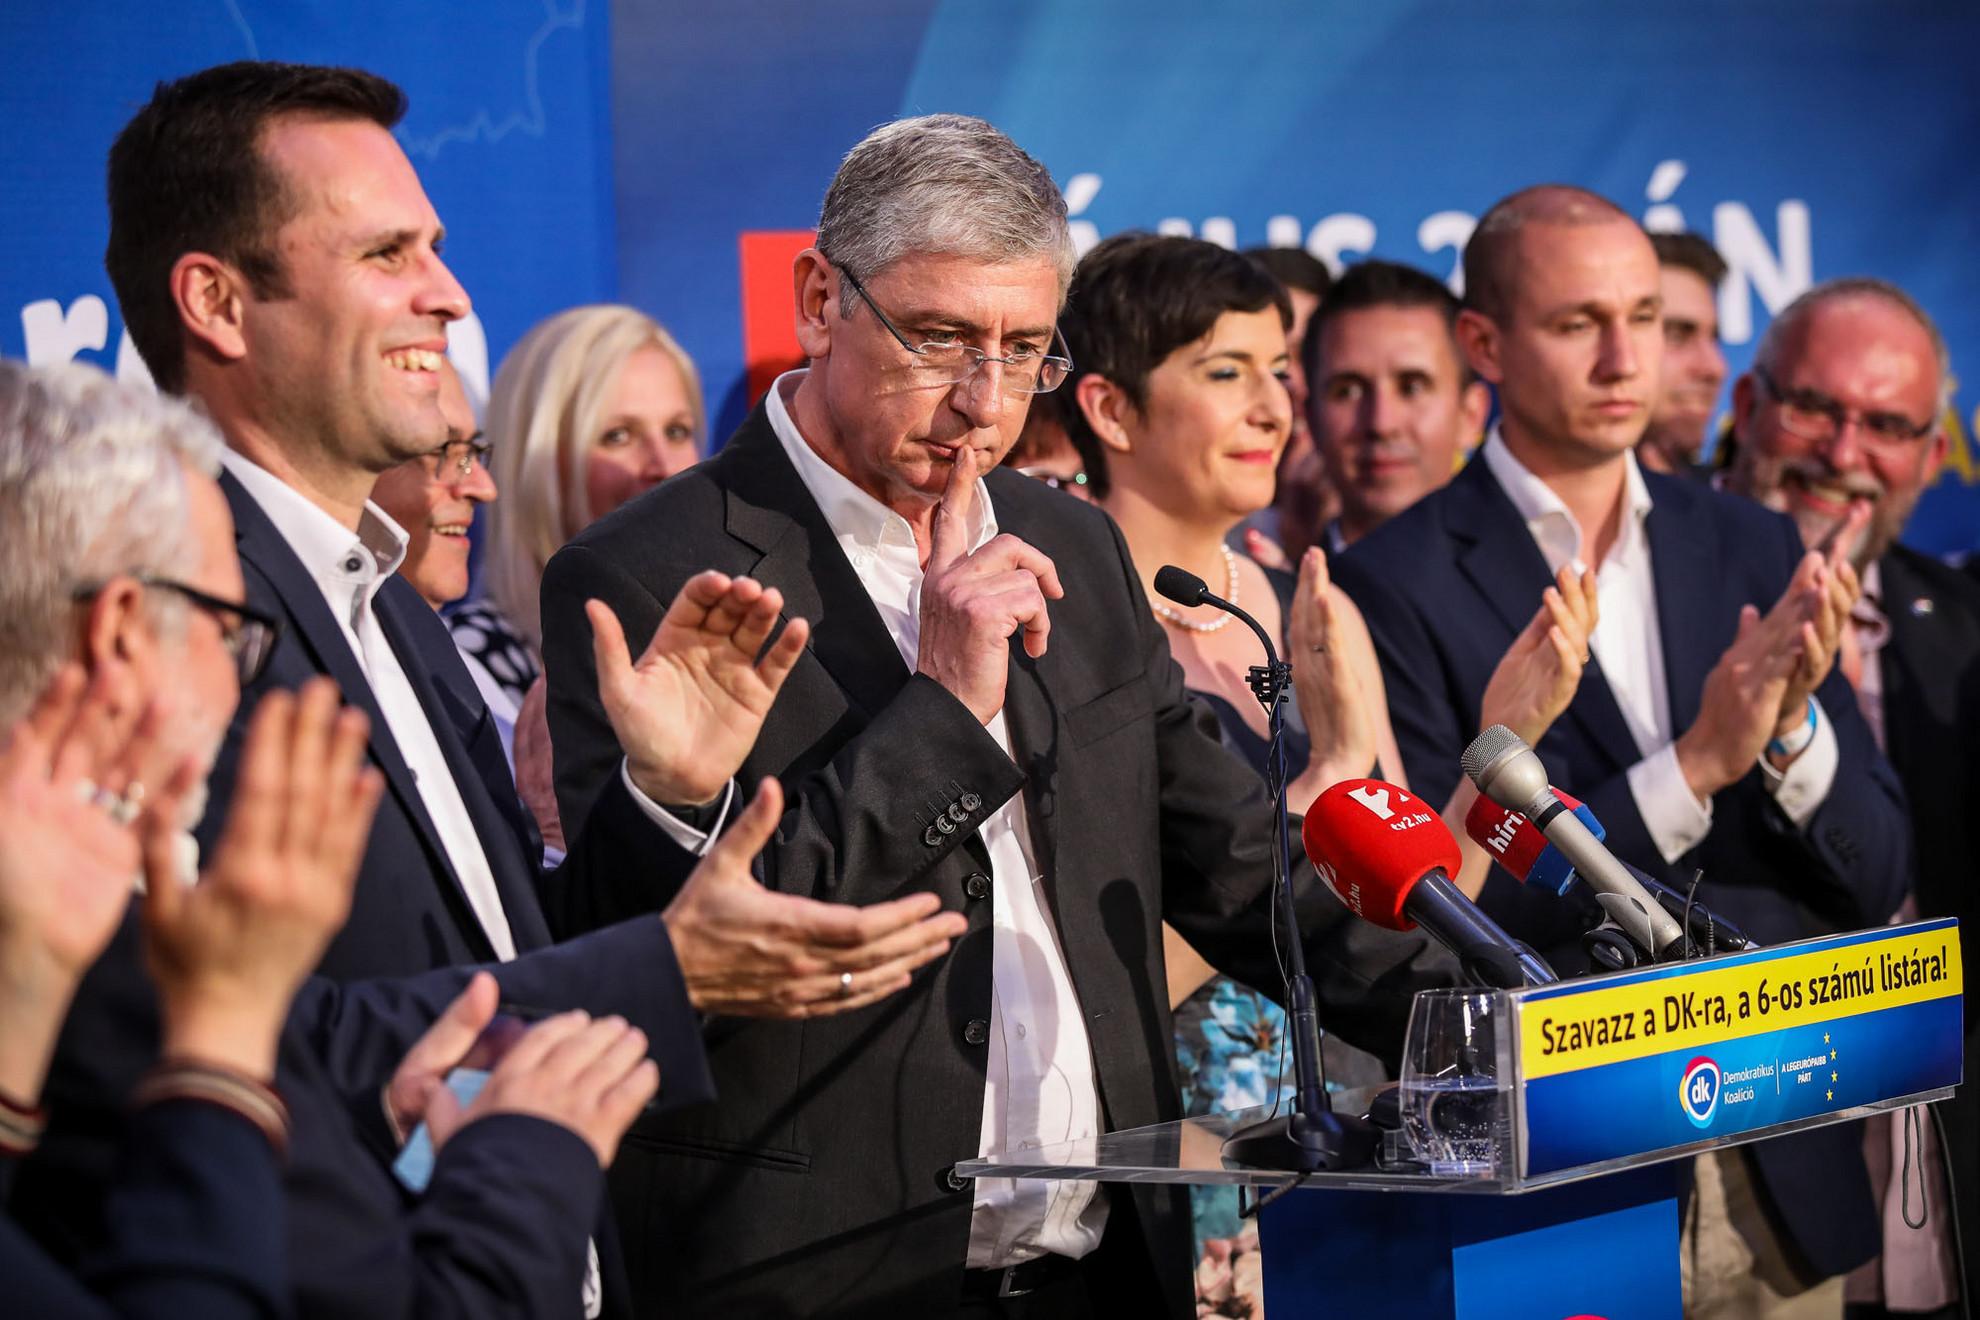 Elgondolkodtató adatok. Négy képviselői hely a több mint hétszáz fős európai parlamentben vajon mire lesz elegenedő